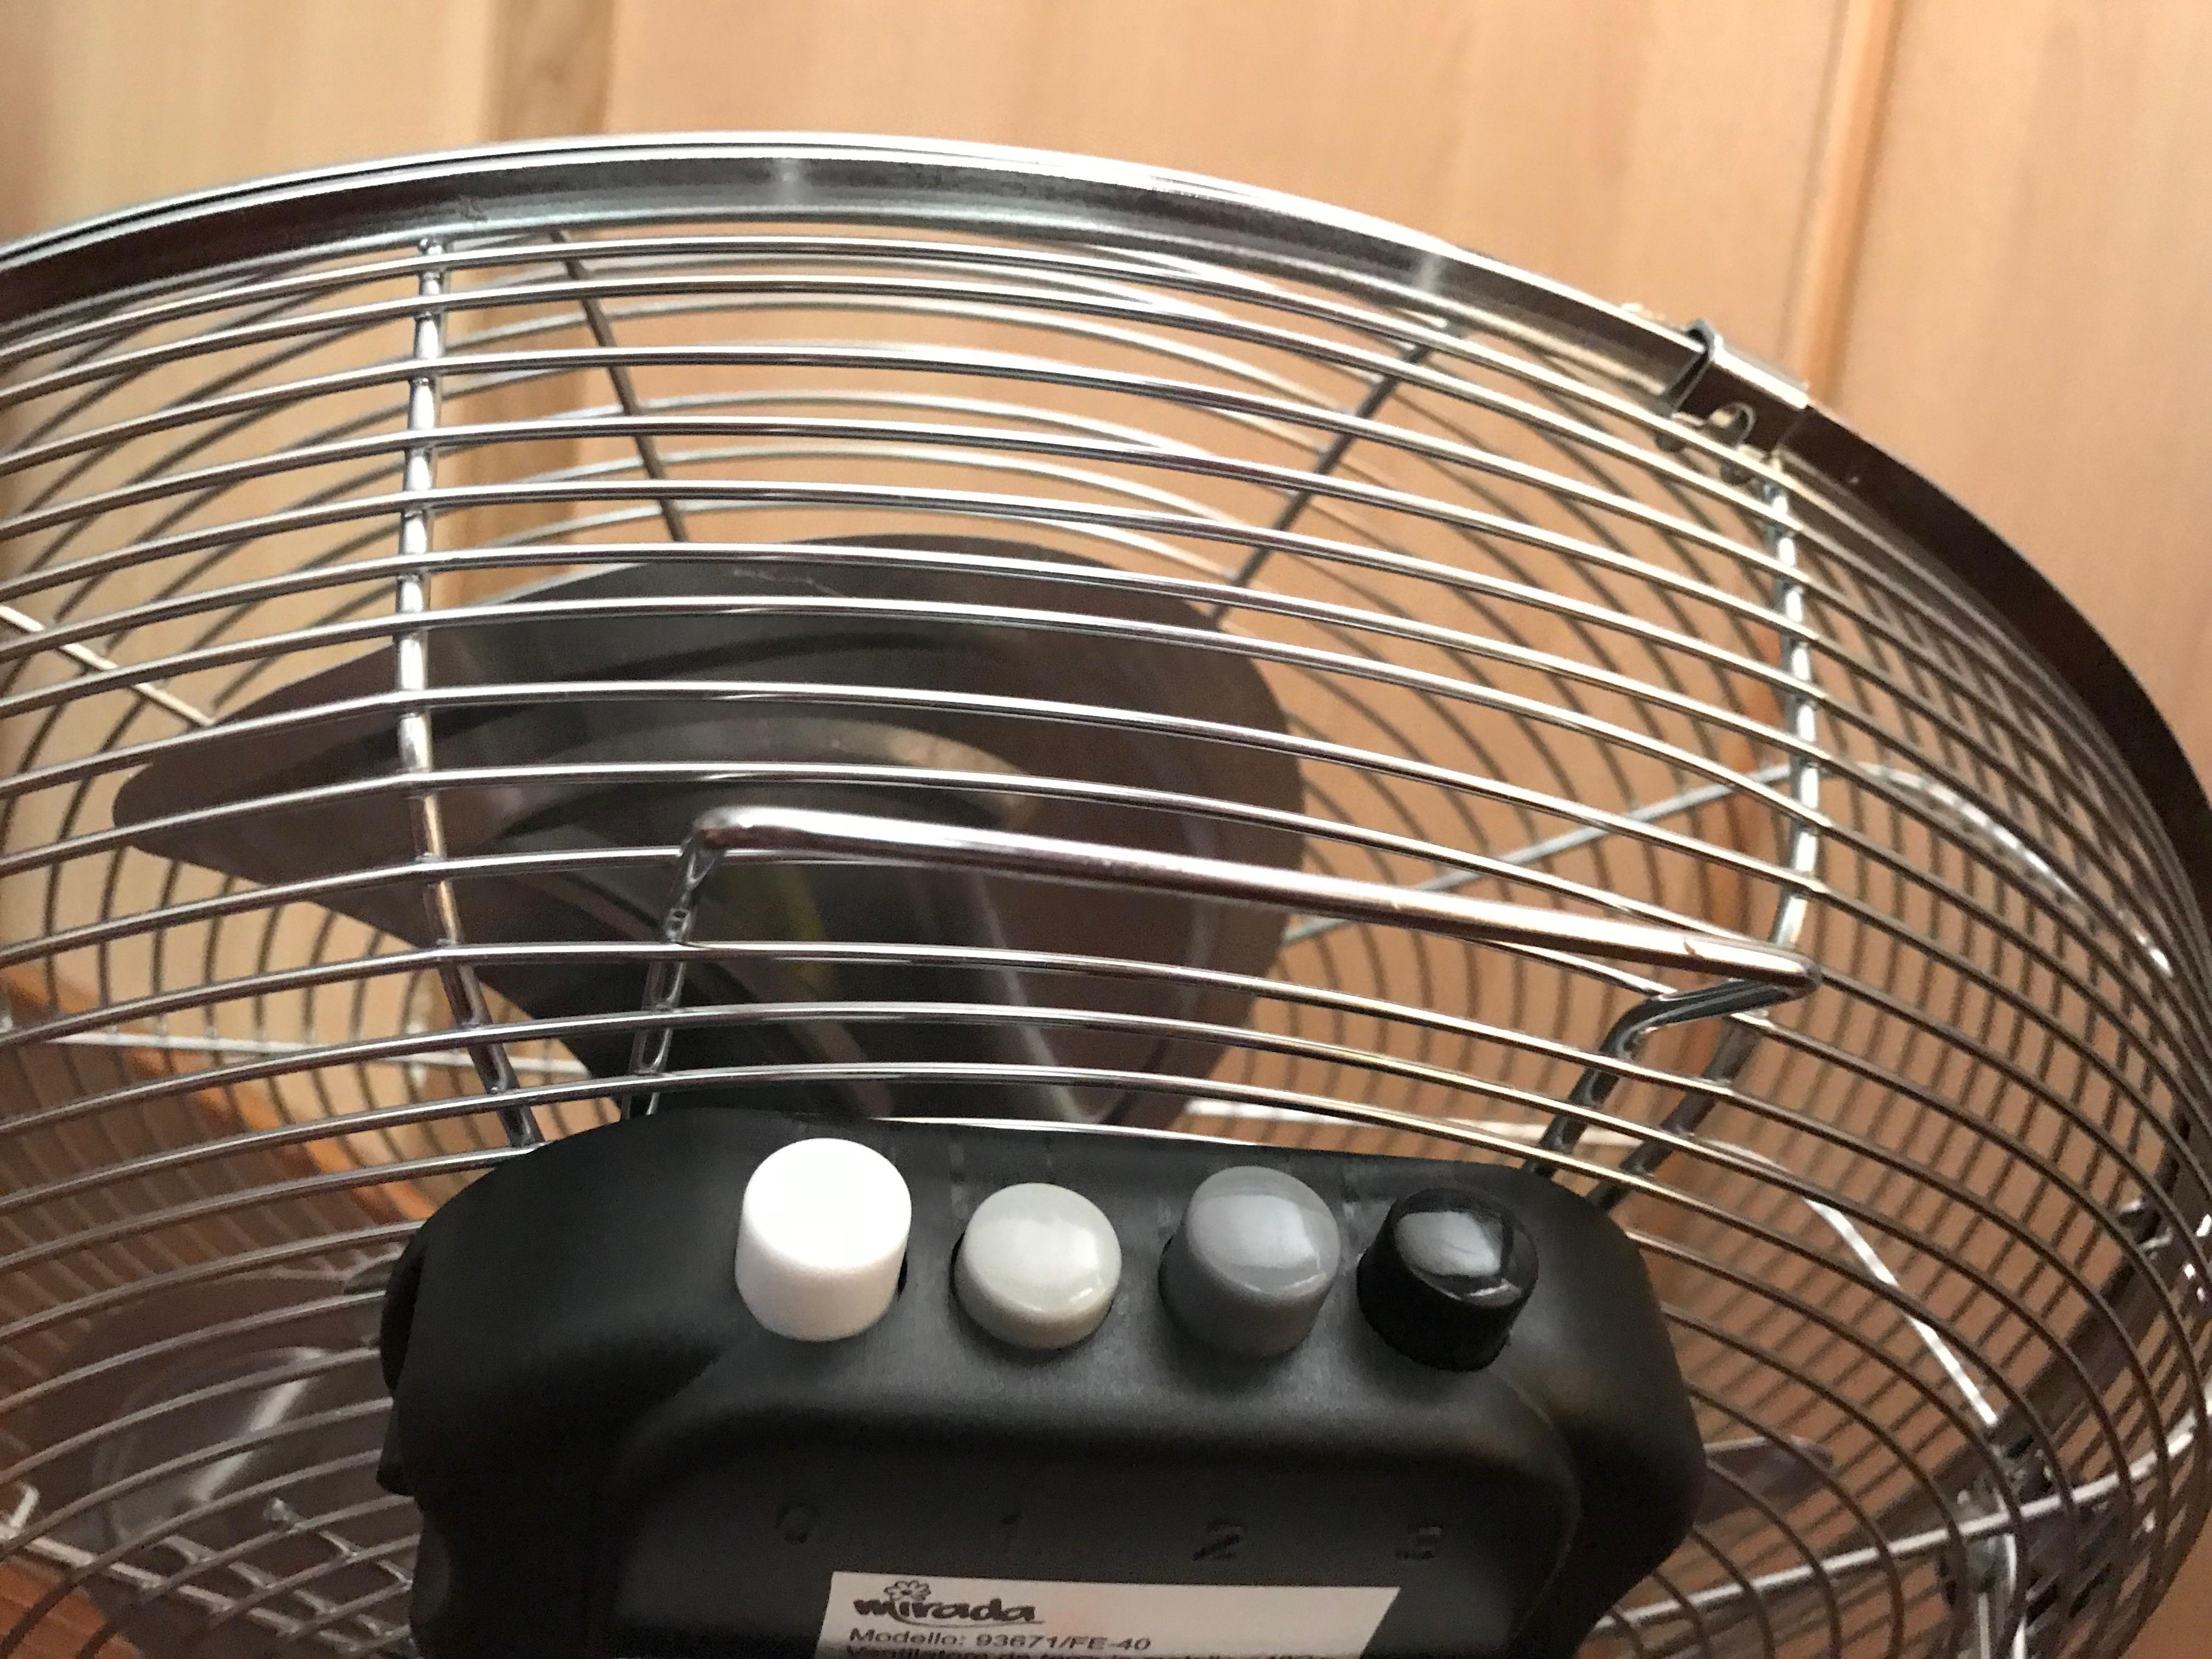 Ventilatore da terra - Dettaglio pulsantiera